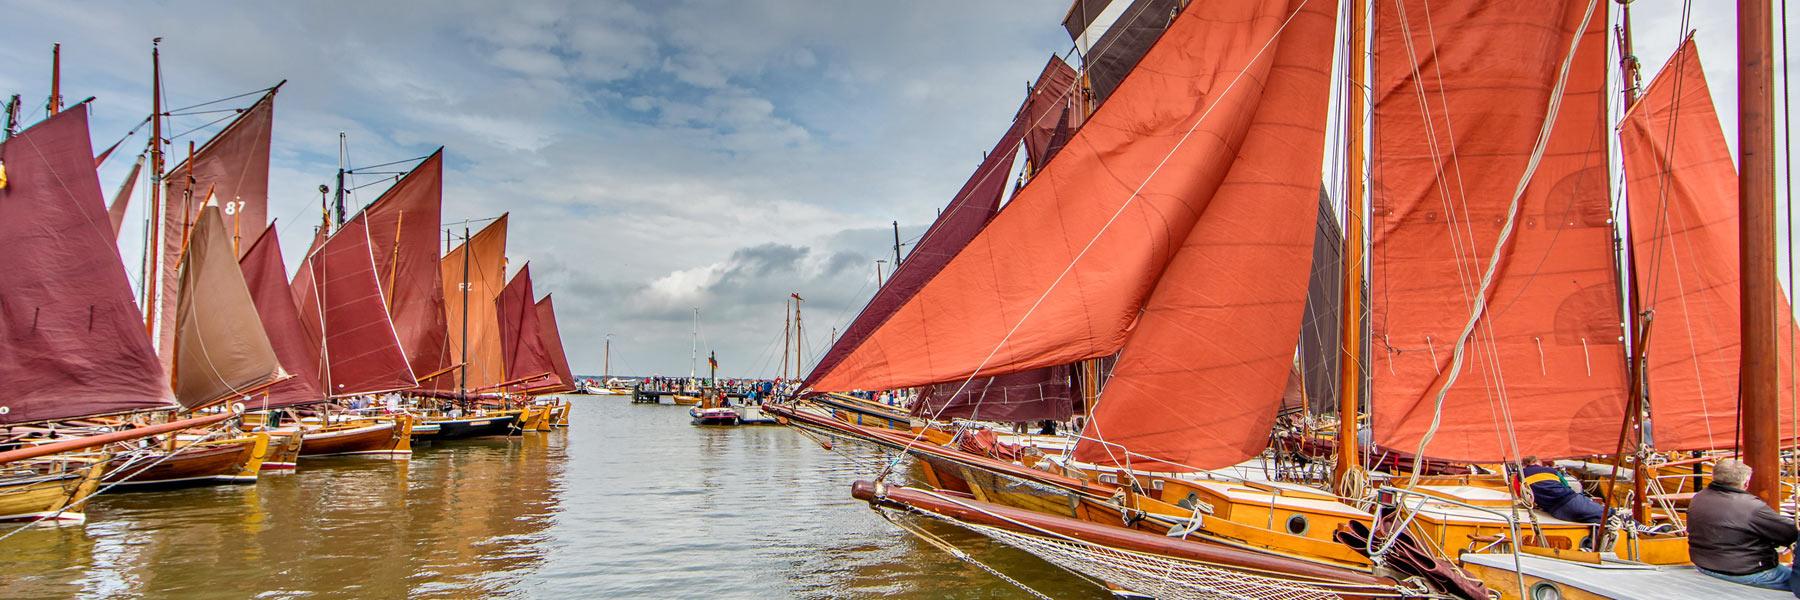 Zeesboote - Fischland-Darß-Zingst